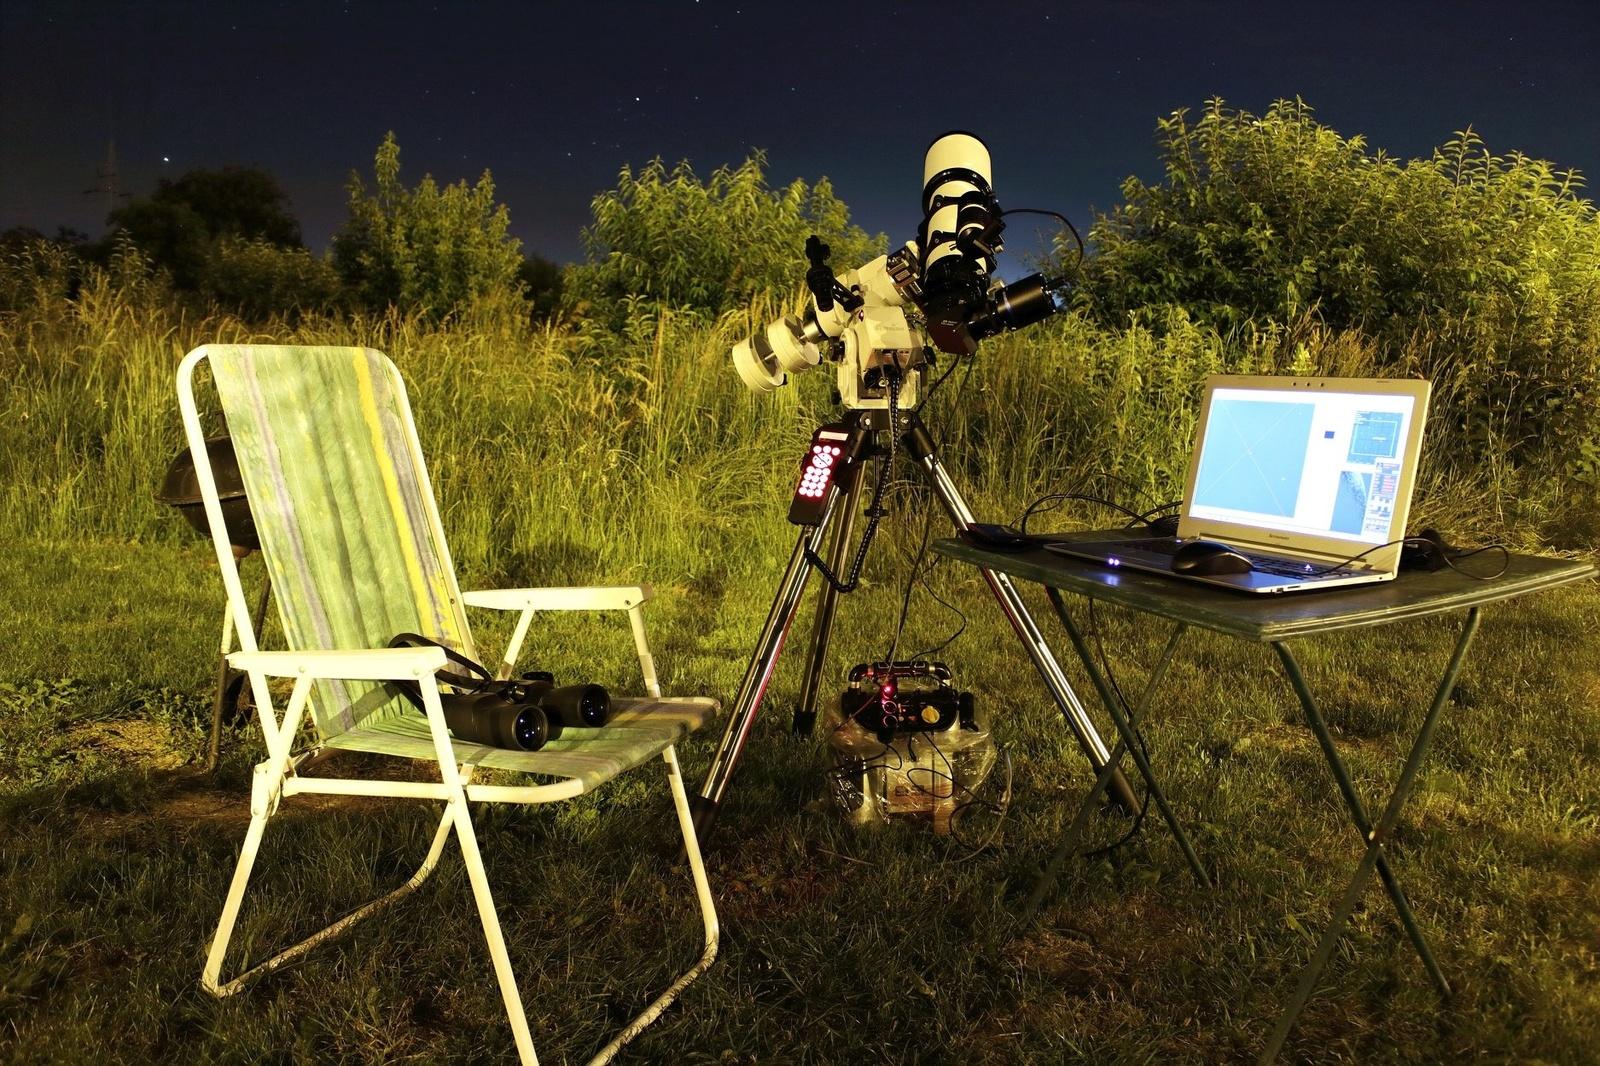 Teleskop.thumb.jpg.0f15da0a5feed8f13aafd6cc74edb6f2.jpg